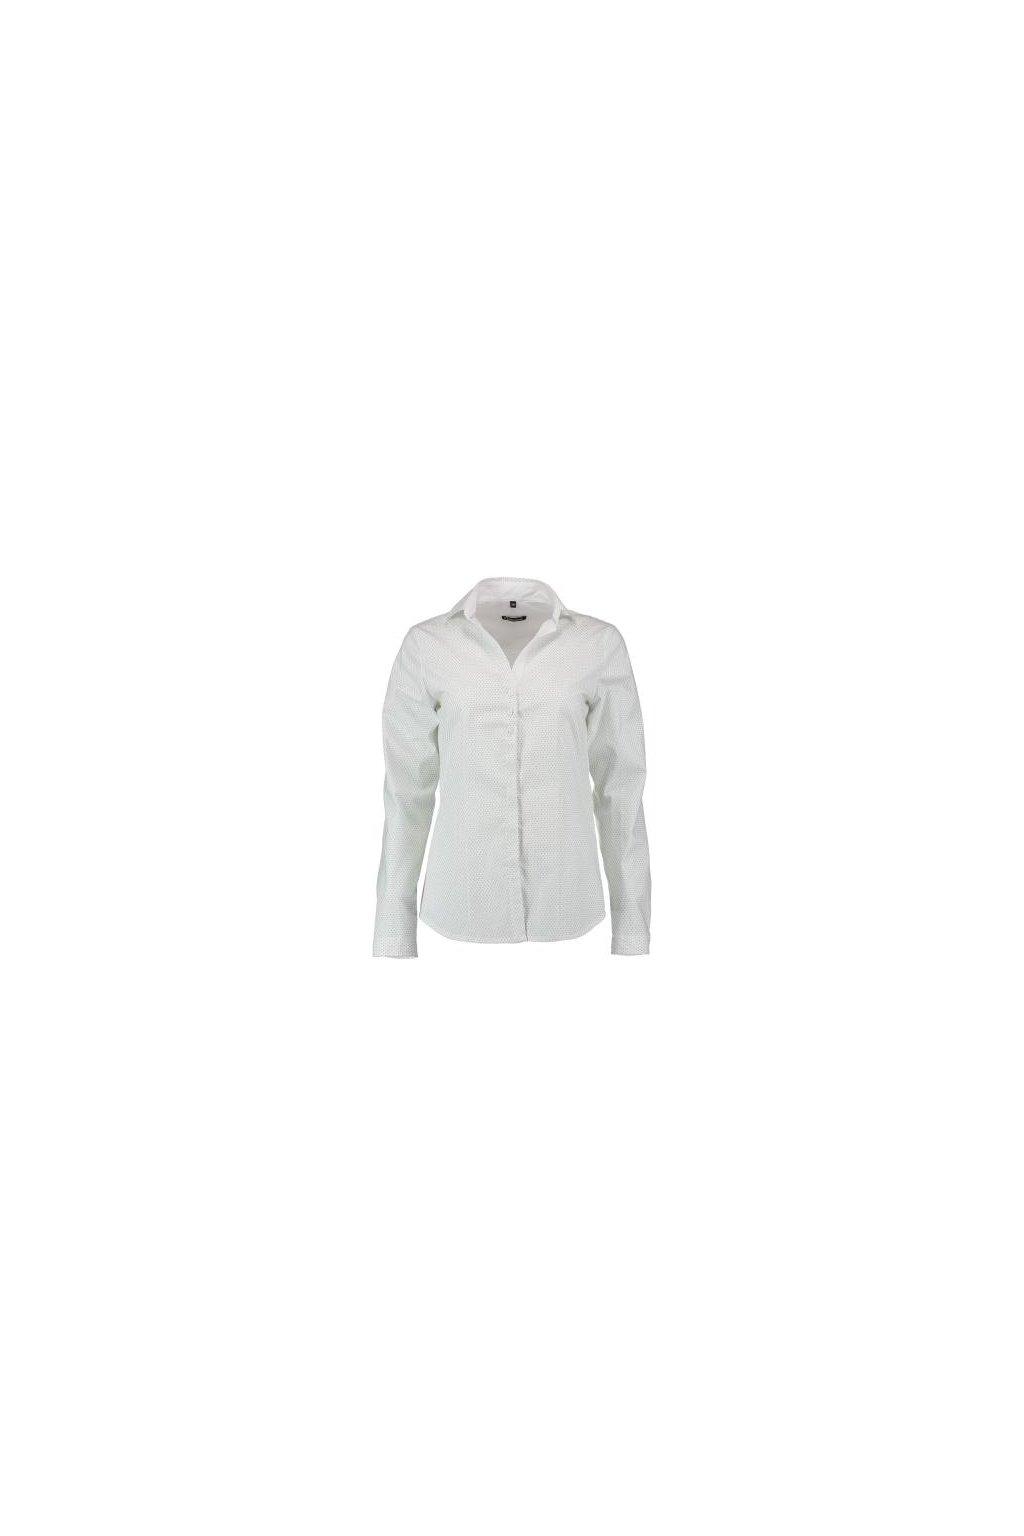 Orbis - halenka dámská bílá (3776)